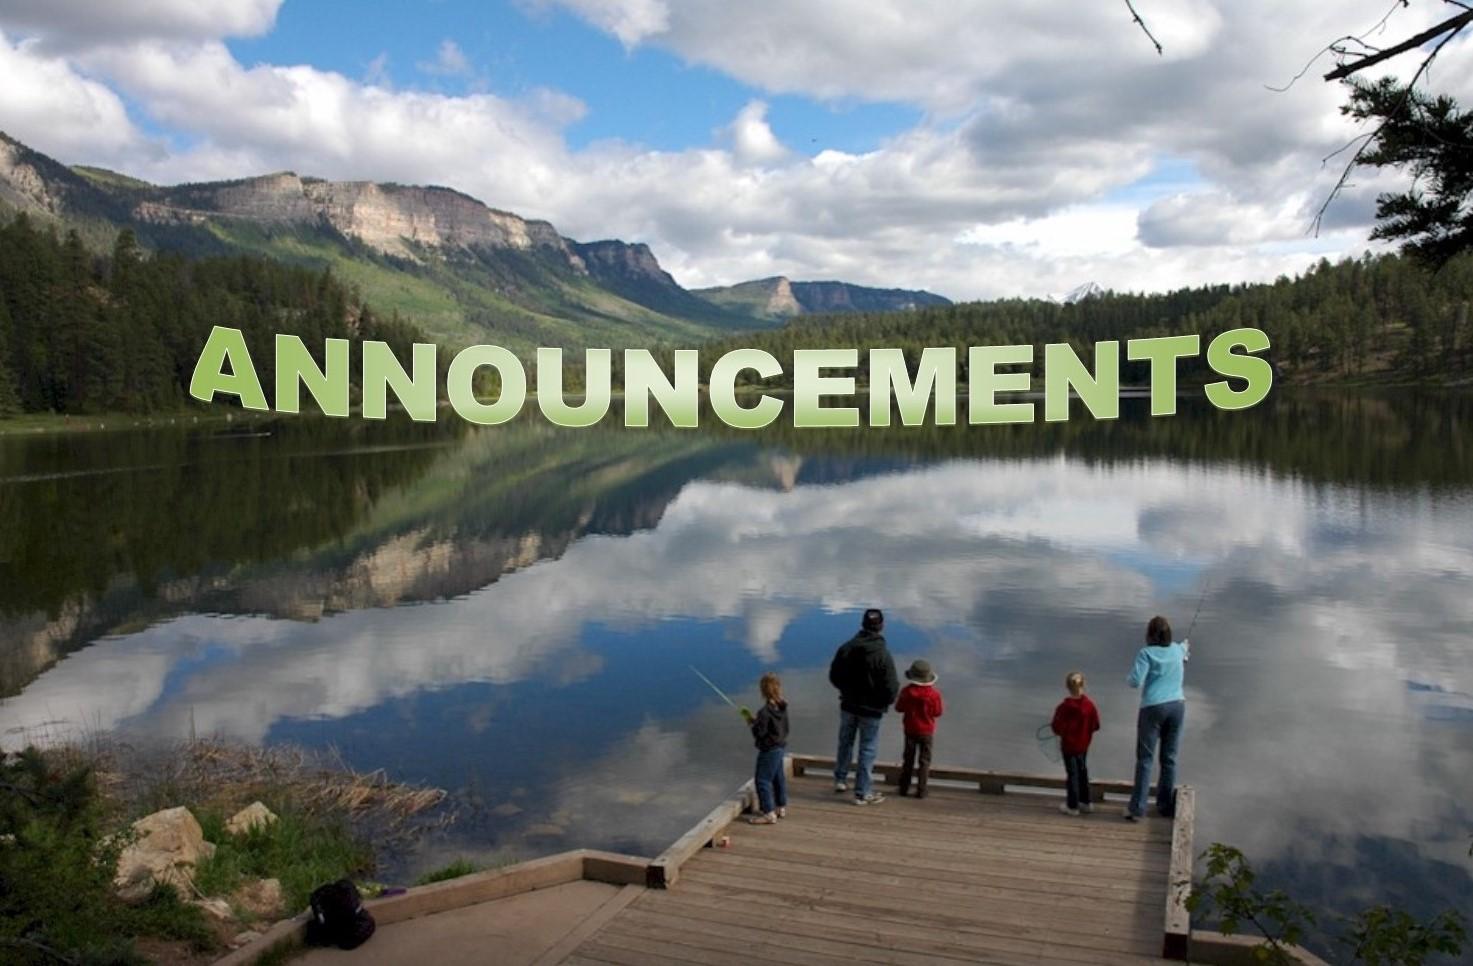 Family Fishing at Haviland Lake, Free Fishing Day At Haviland Lake, 20 miles north of Durango, Photo by employee Joe Lewandoski May/June 2005, Division of Wildlife